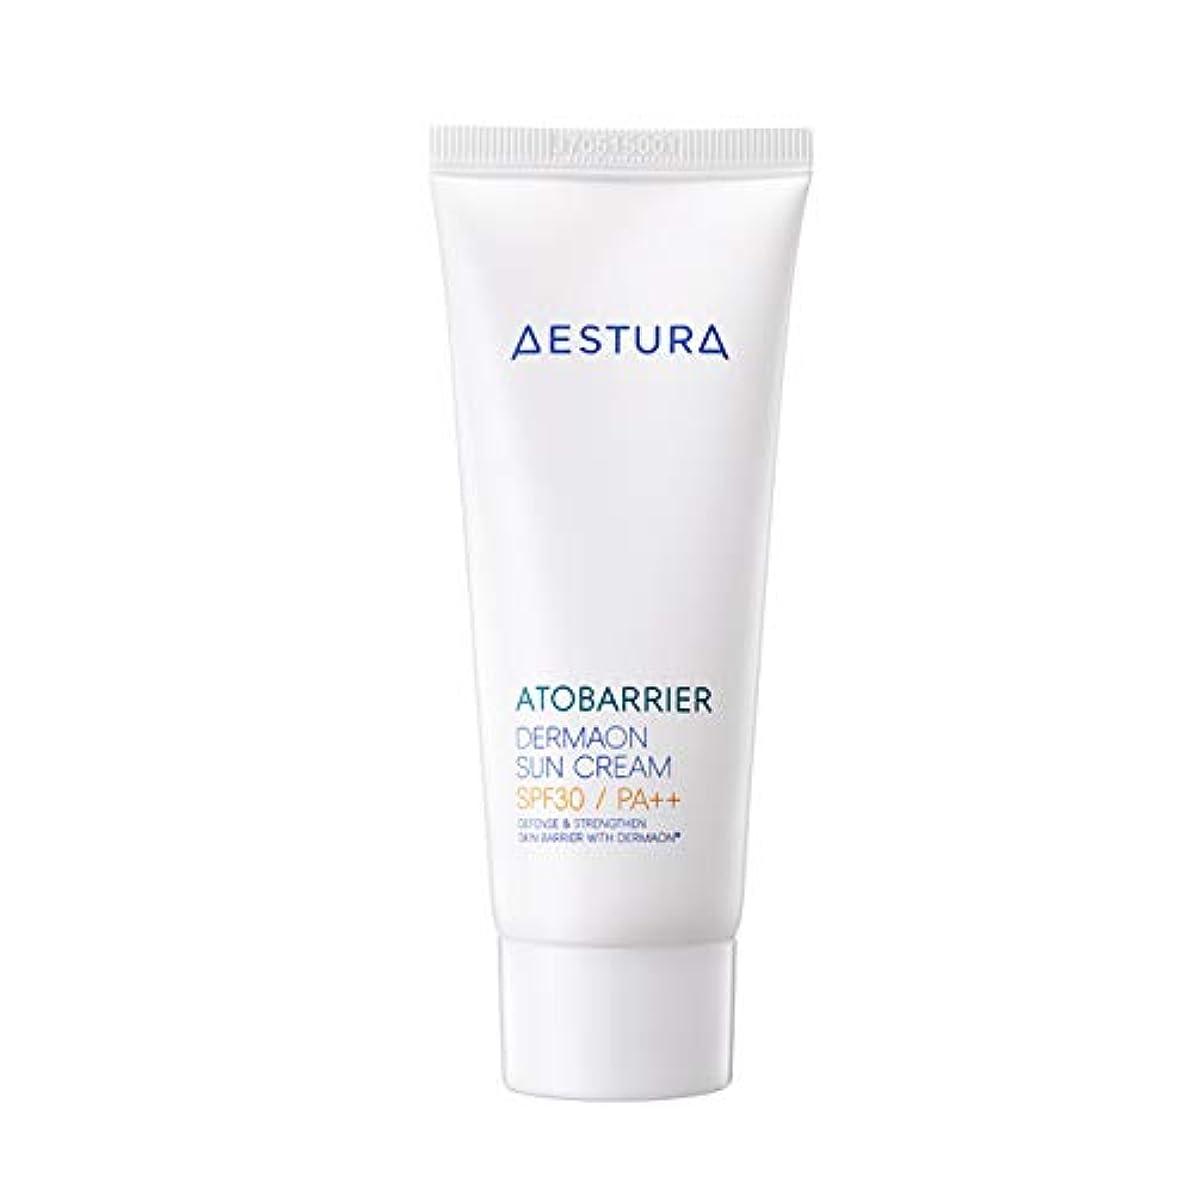 うまくやる()不正今日AESTURA アトバリエ ダーマオン サンクリーム 60ml,SPF30 / PA++ Atobarrier Dermaon Sun Cream